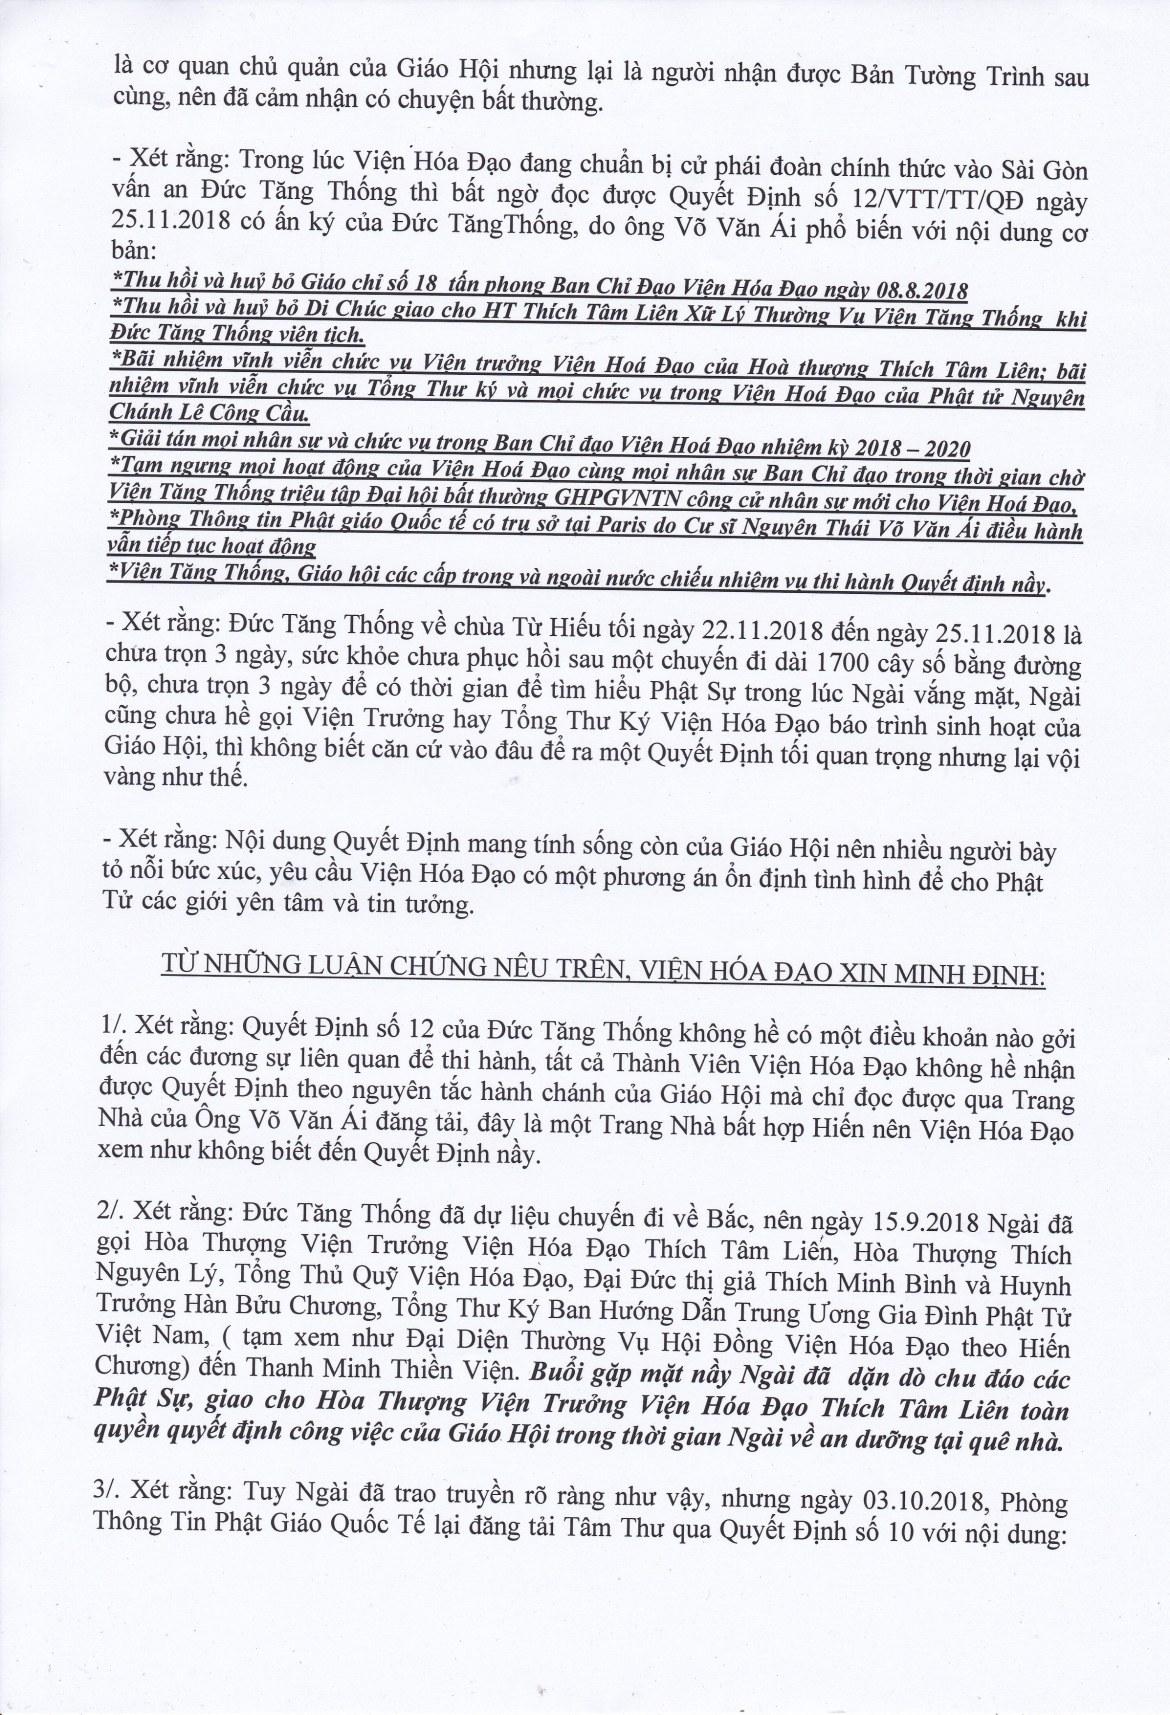 VHĐ-TRANG 2